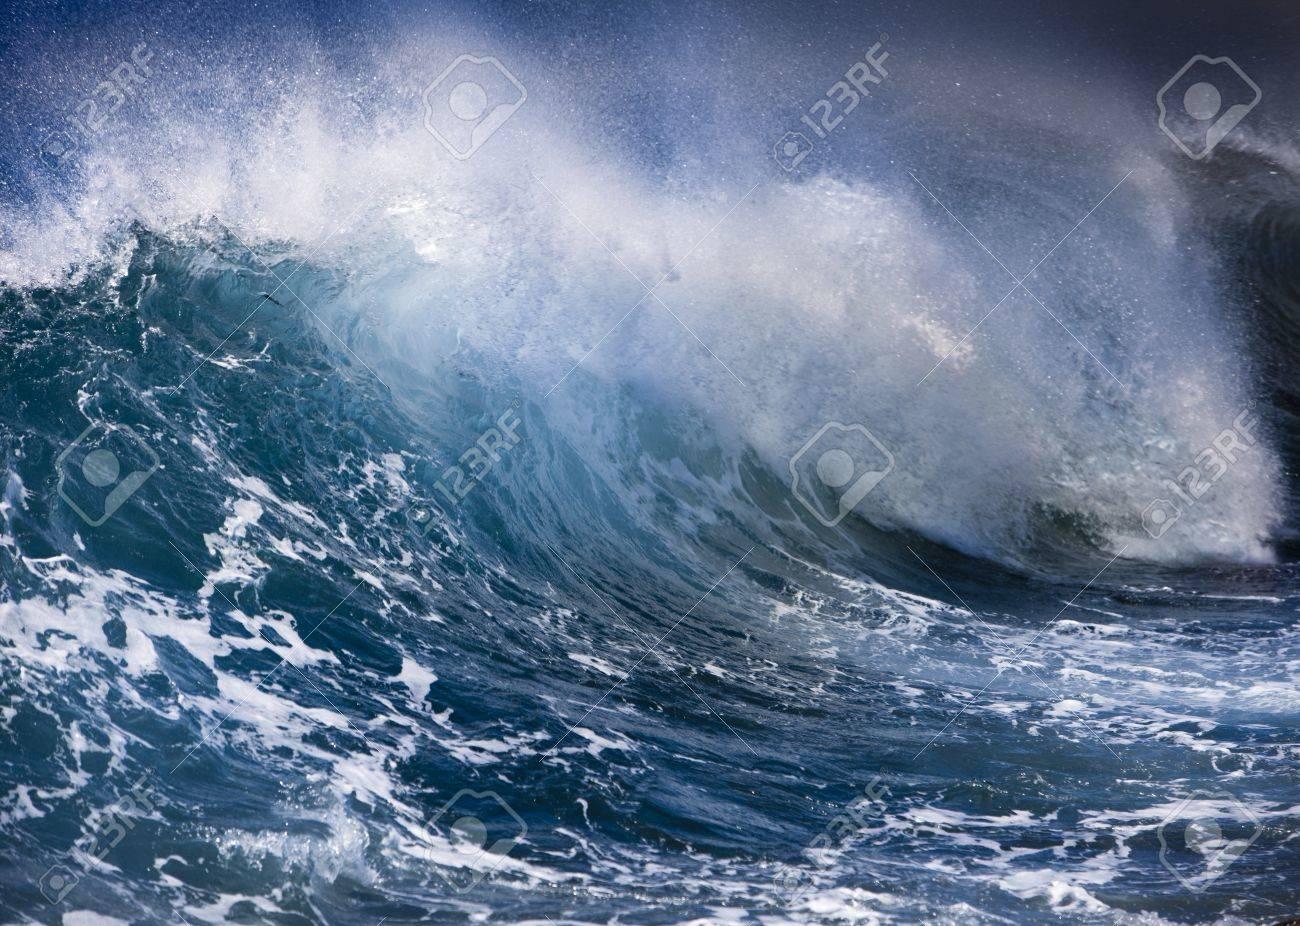 Ocean wave - 17542429